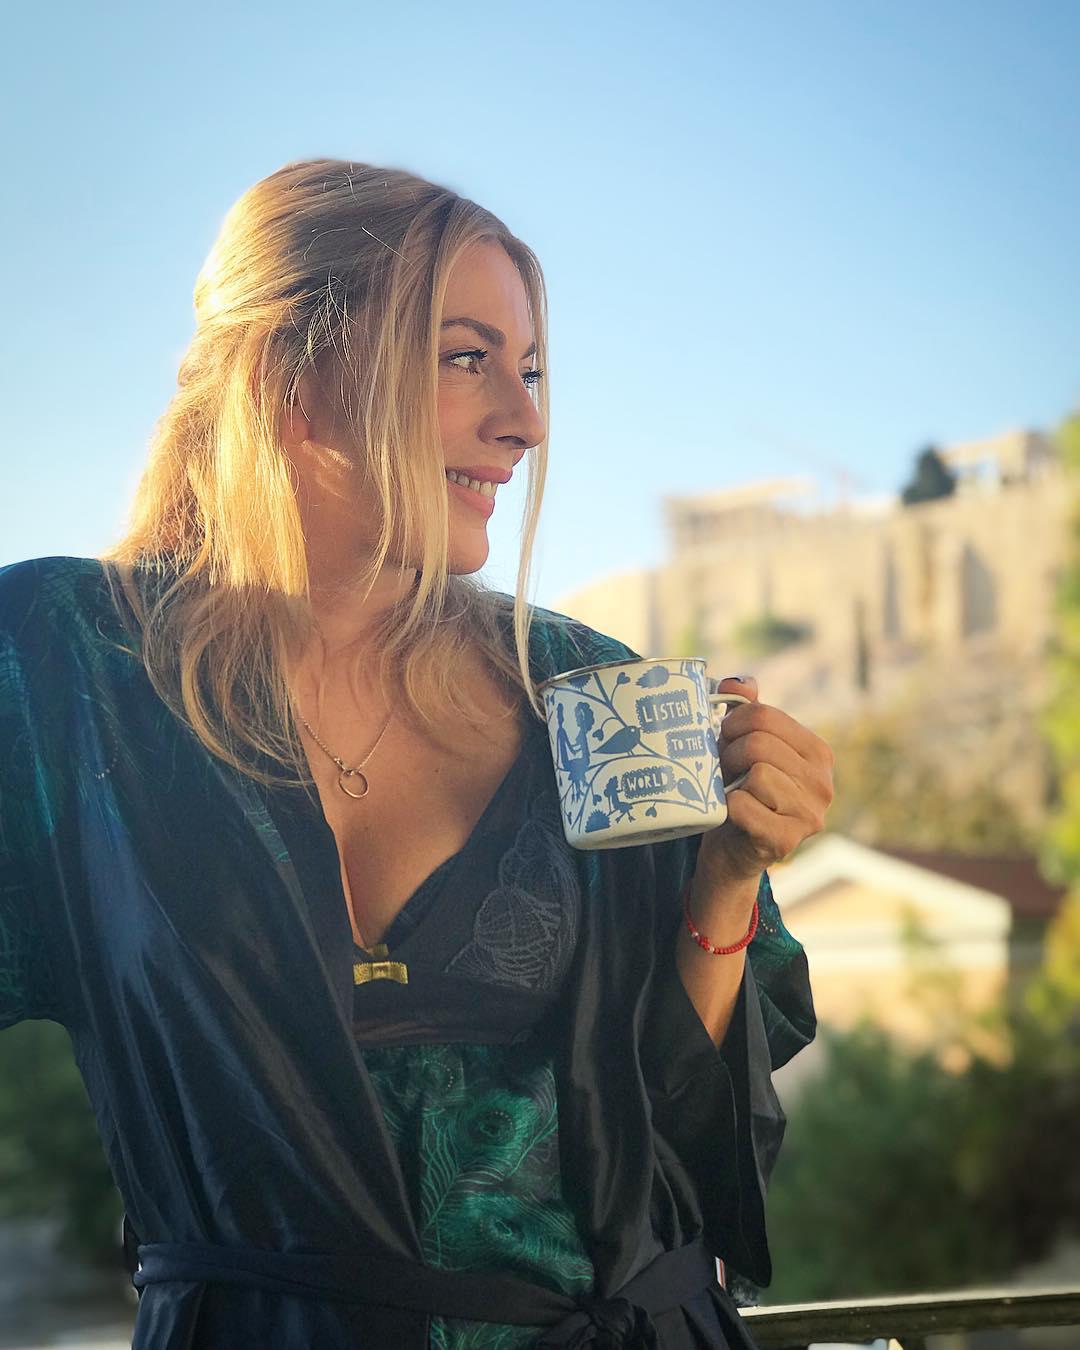 Σμαράγδα Καρύδη: «Ρίχνει» το instagram με τη φωτογραφία της με σέξι νυχτικό…